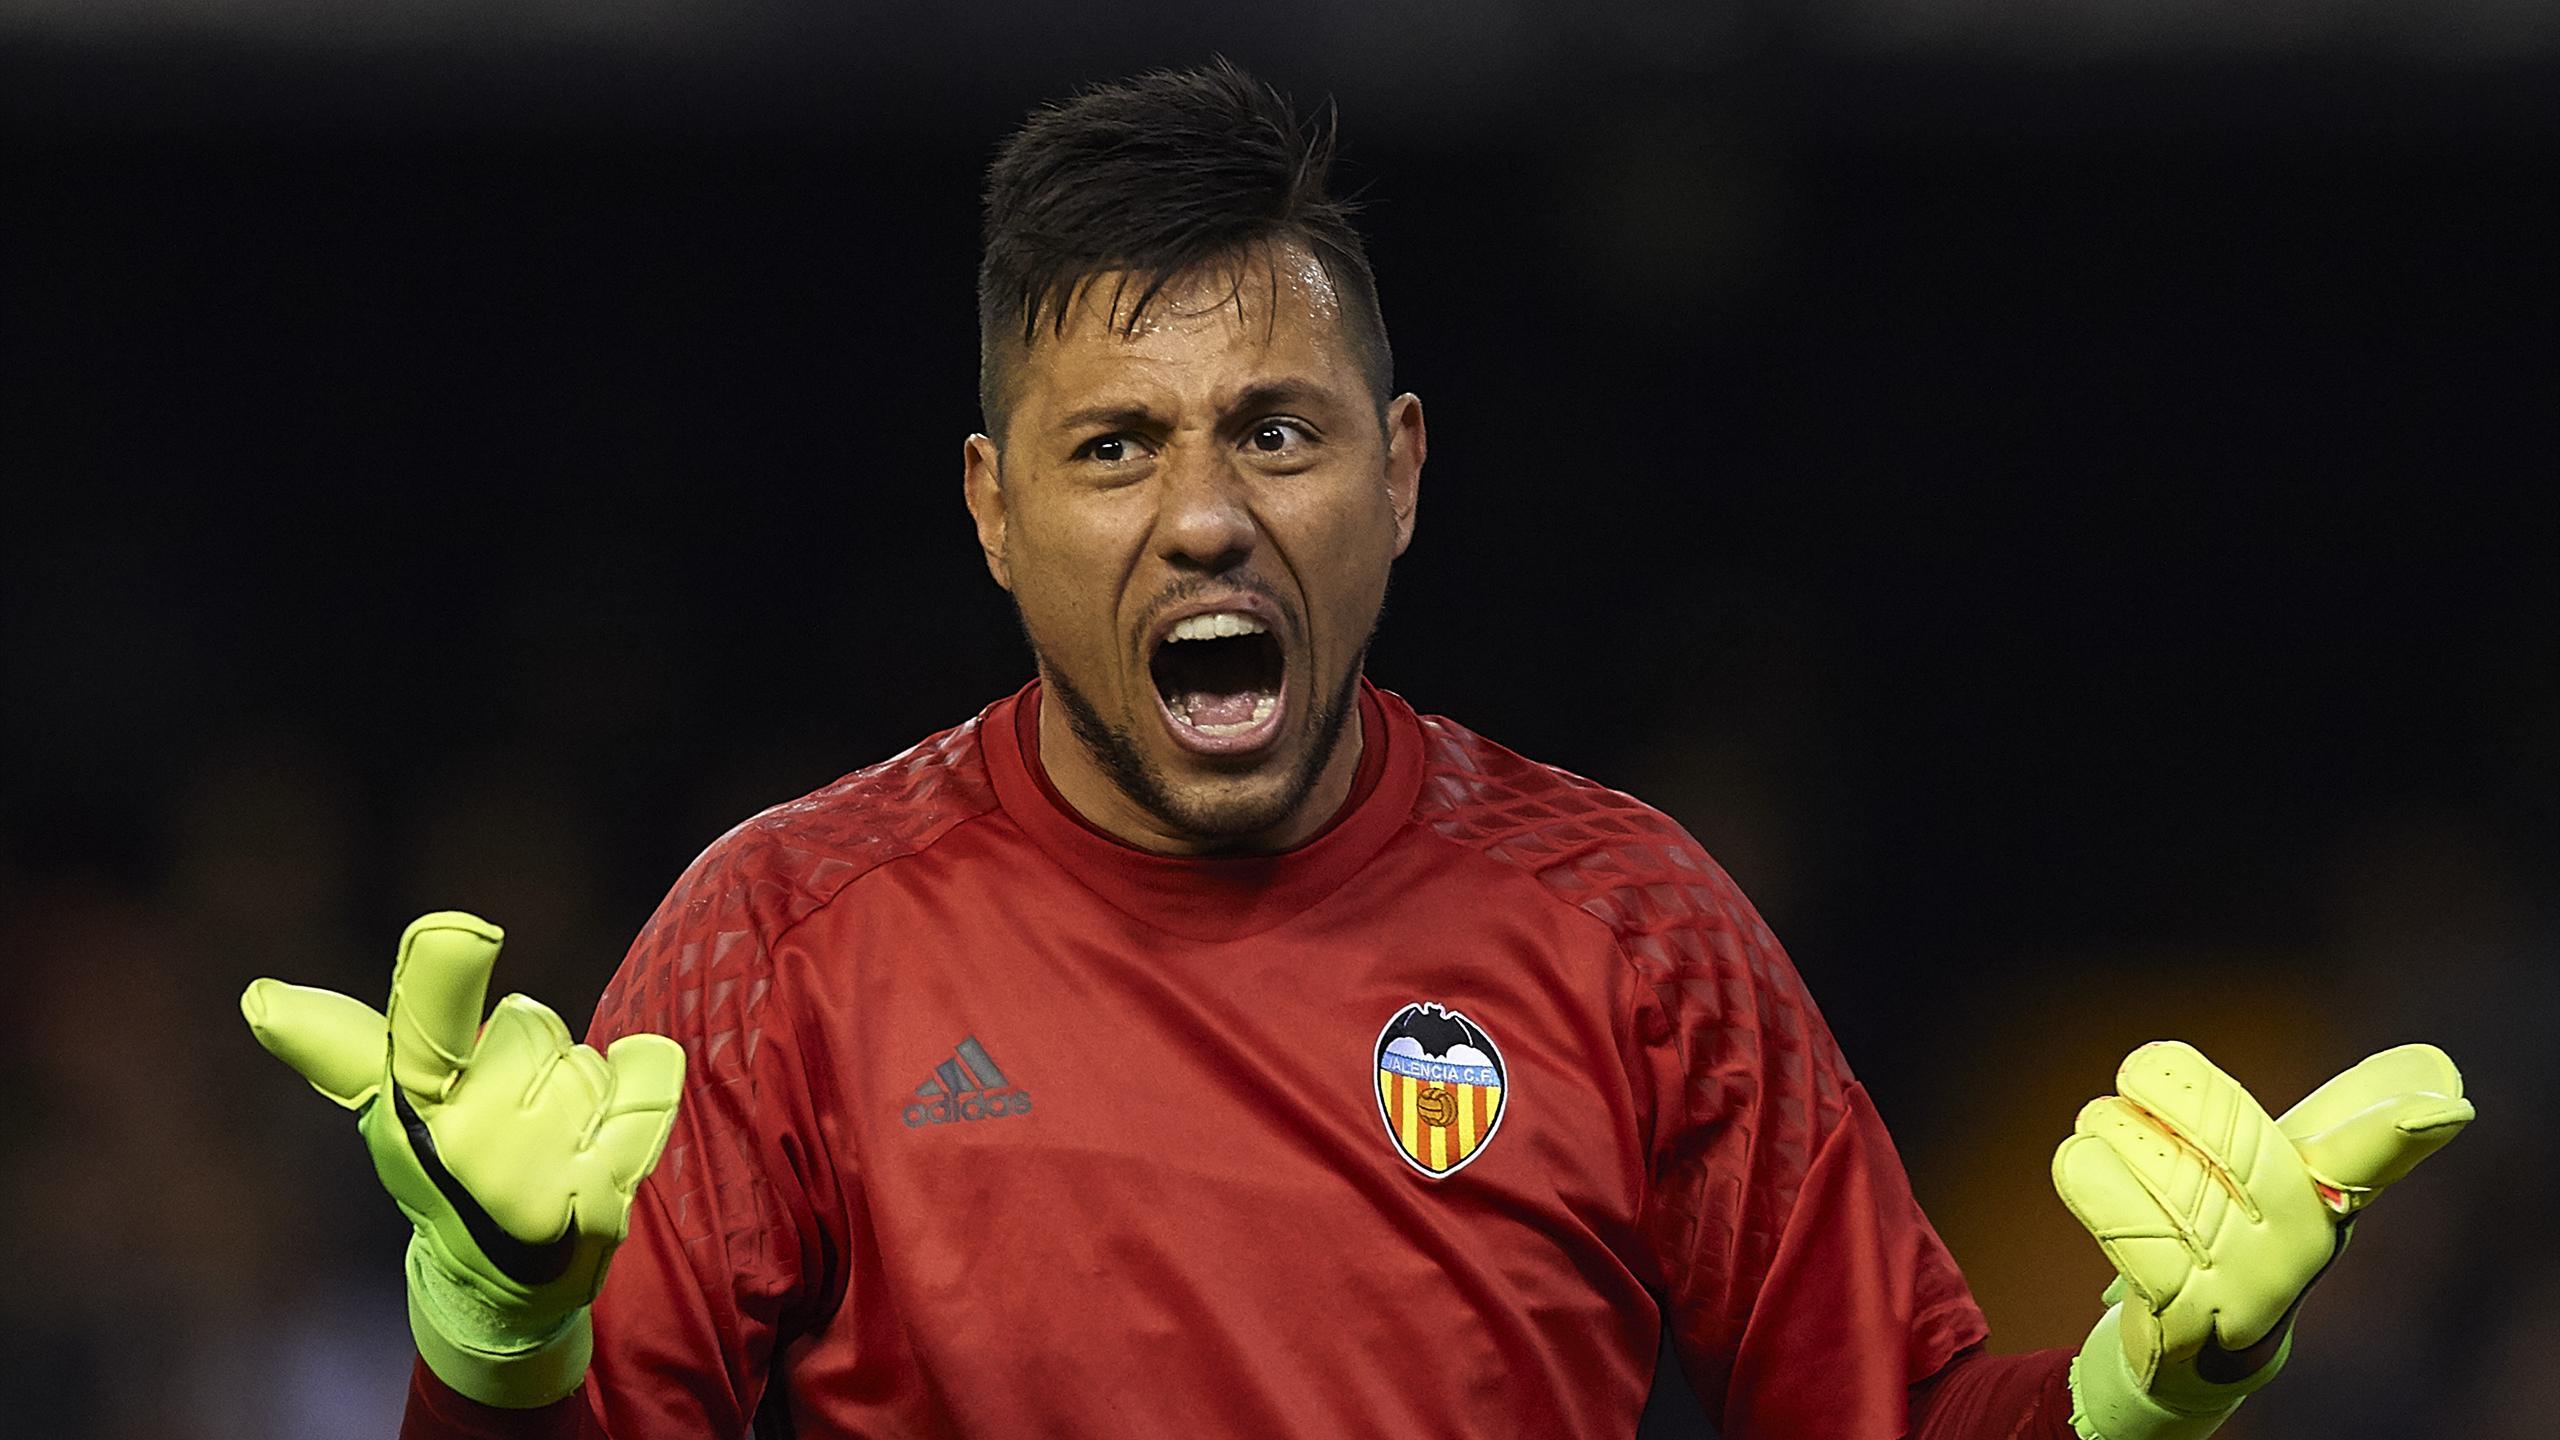 Барселона ведет переговоры по трансферу Диего Алвеса — Marca